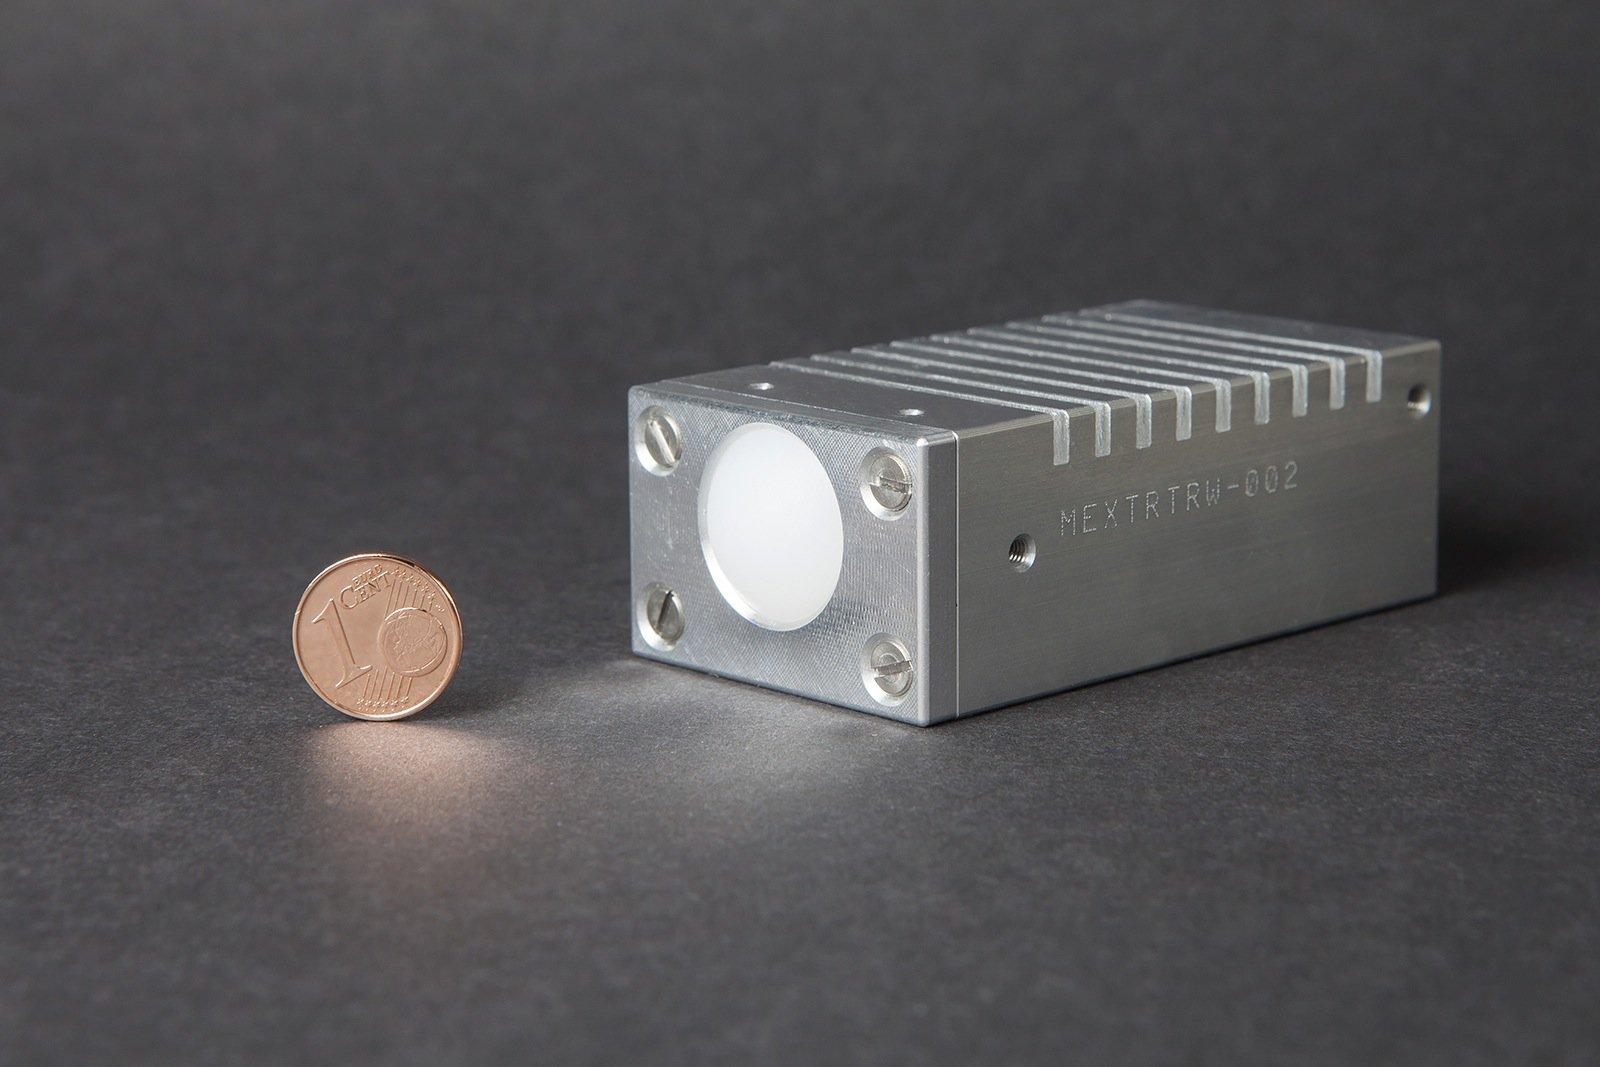 Durch Pappe oder Kunststoff schauen – das gelingt dem menschlichen Auge nicht. Was uns verborgen bleibt, macht ein Radar des Fraunhofer-Instituts für Angewandte Festkörperphysik IAF sichtbar: Das System arbeitet mit Millimeterwellen bei 94 GHz und einer Bandbreite von 15 GHz. Dabei ist das Radarmodul nicht größer als eine Zigarettenschachtel.